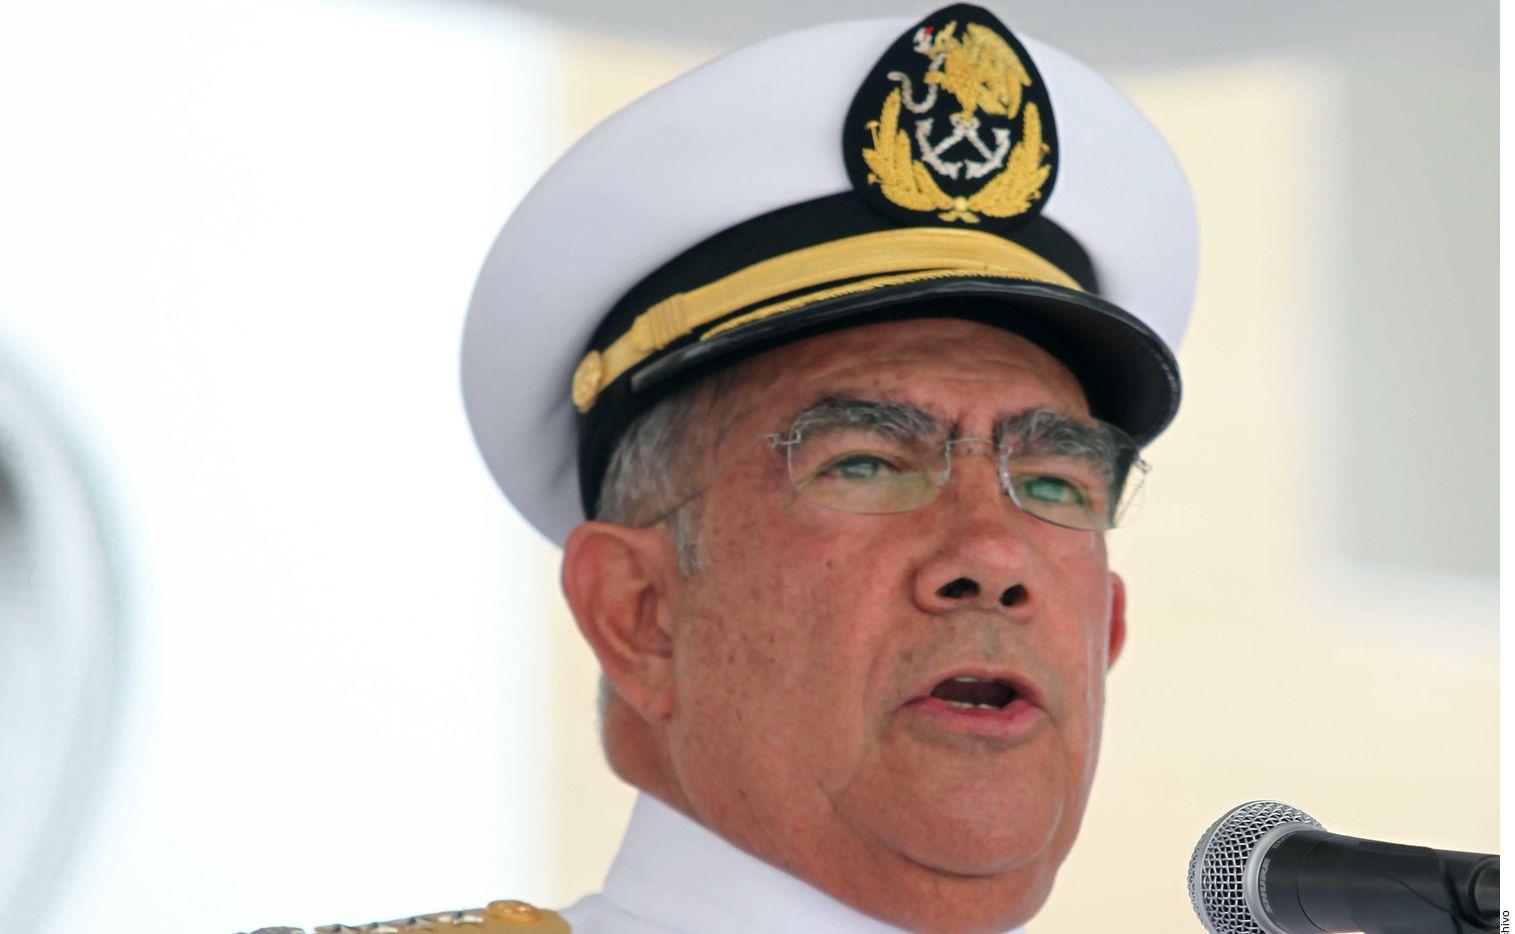 El Almirante Mariano Francisco Saynez, ex Secretario de Marina mexicano, falleció este miércoles a los 78 años de edad.